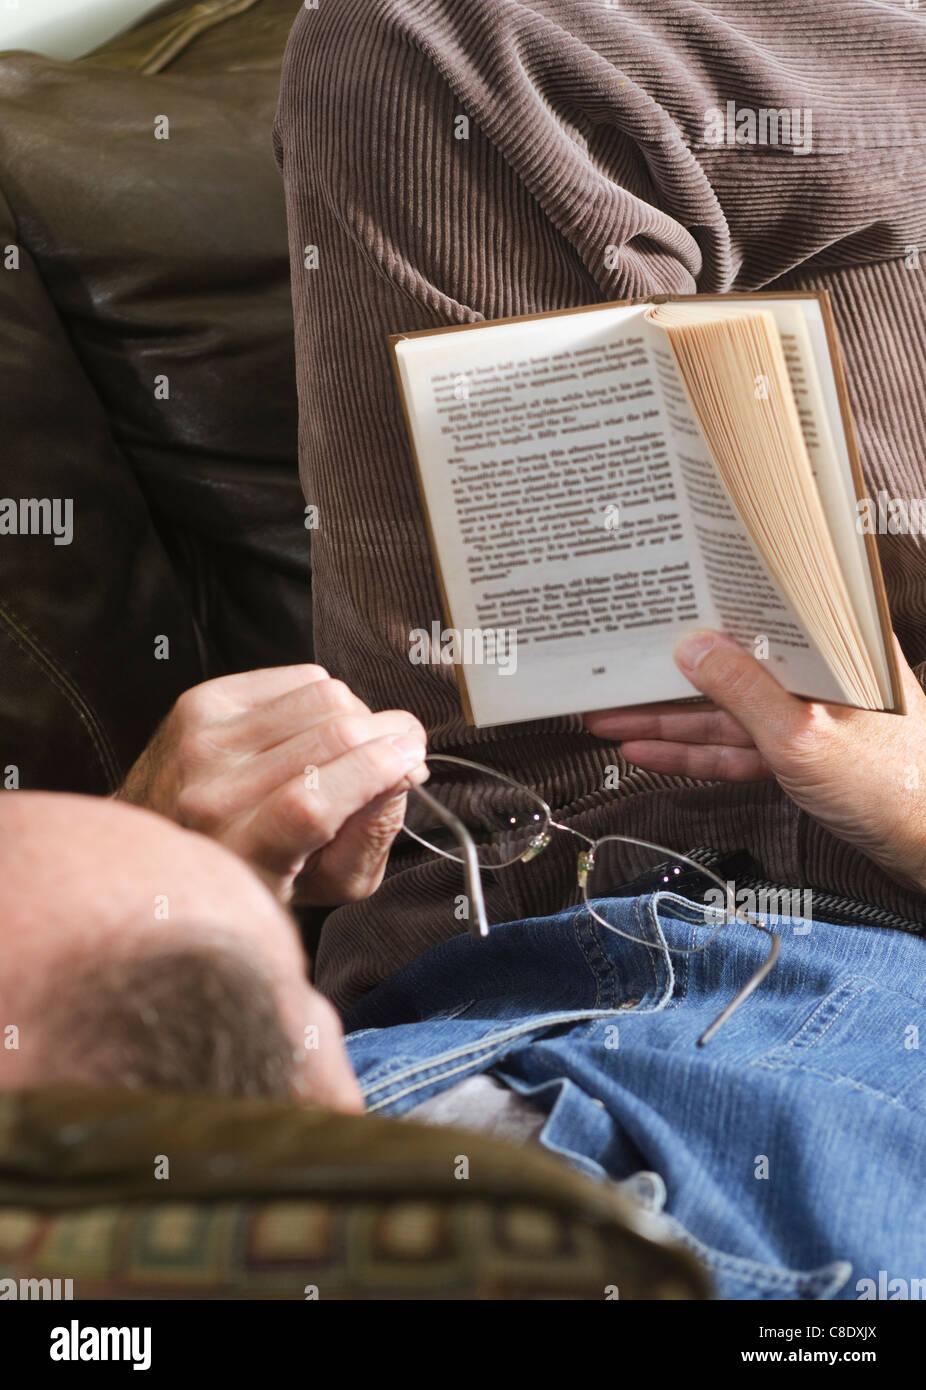 Man reading livre relié Photo Stock